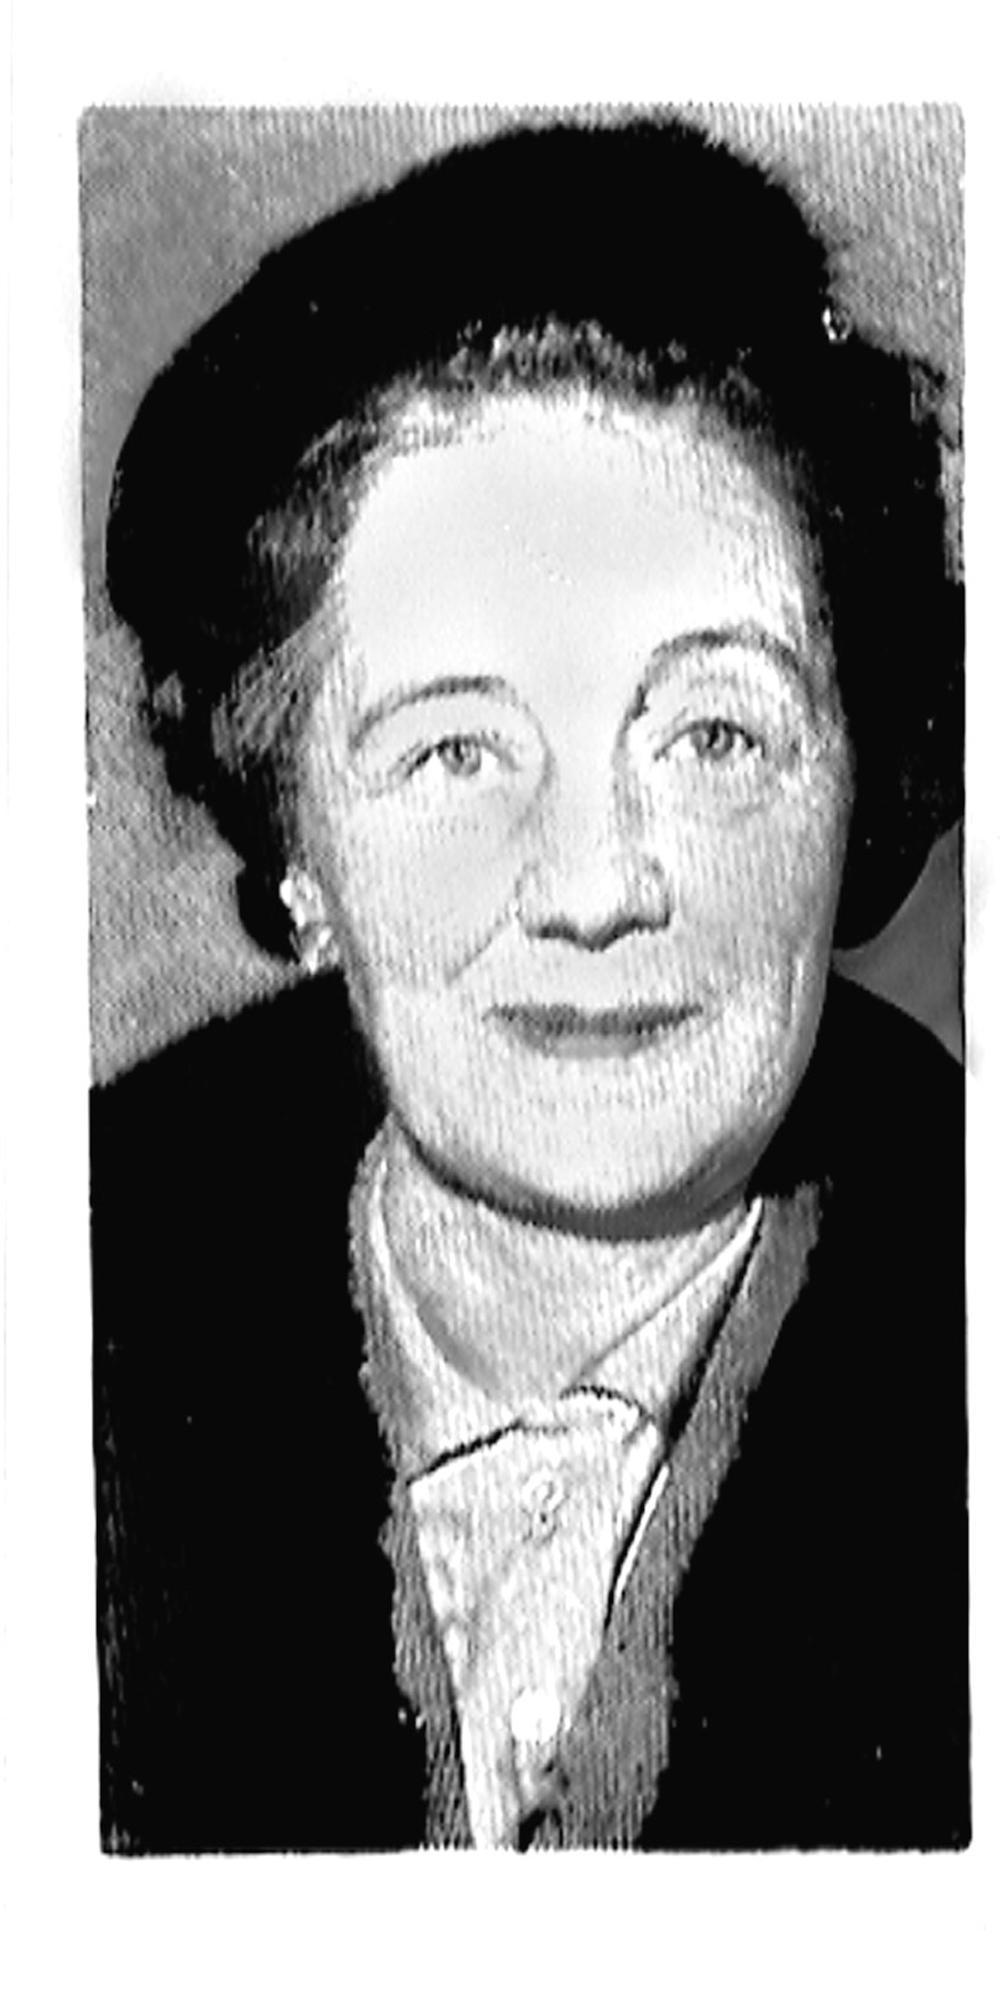 Astrid Kindstrand skapade som första kvinnliga nyhetsuppläsare i radion, en lyssnarstorm. Året var 1938.